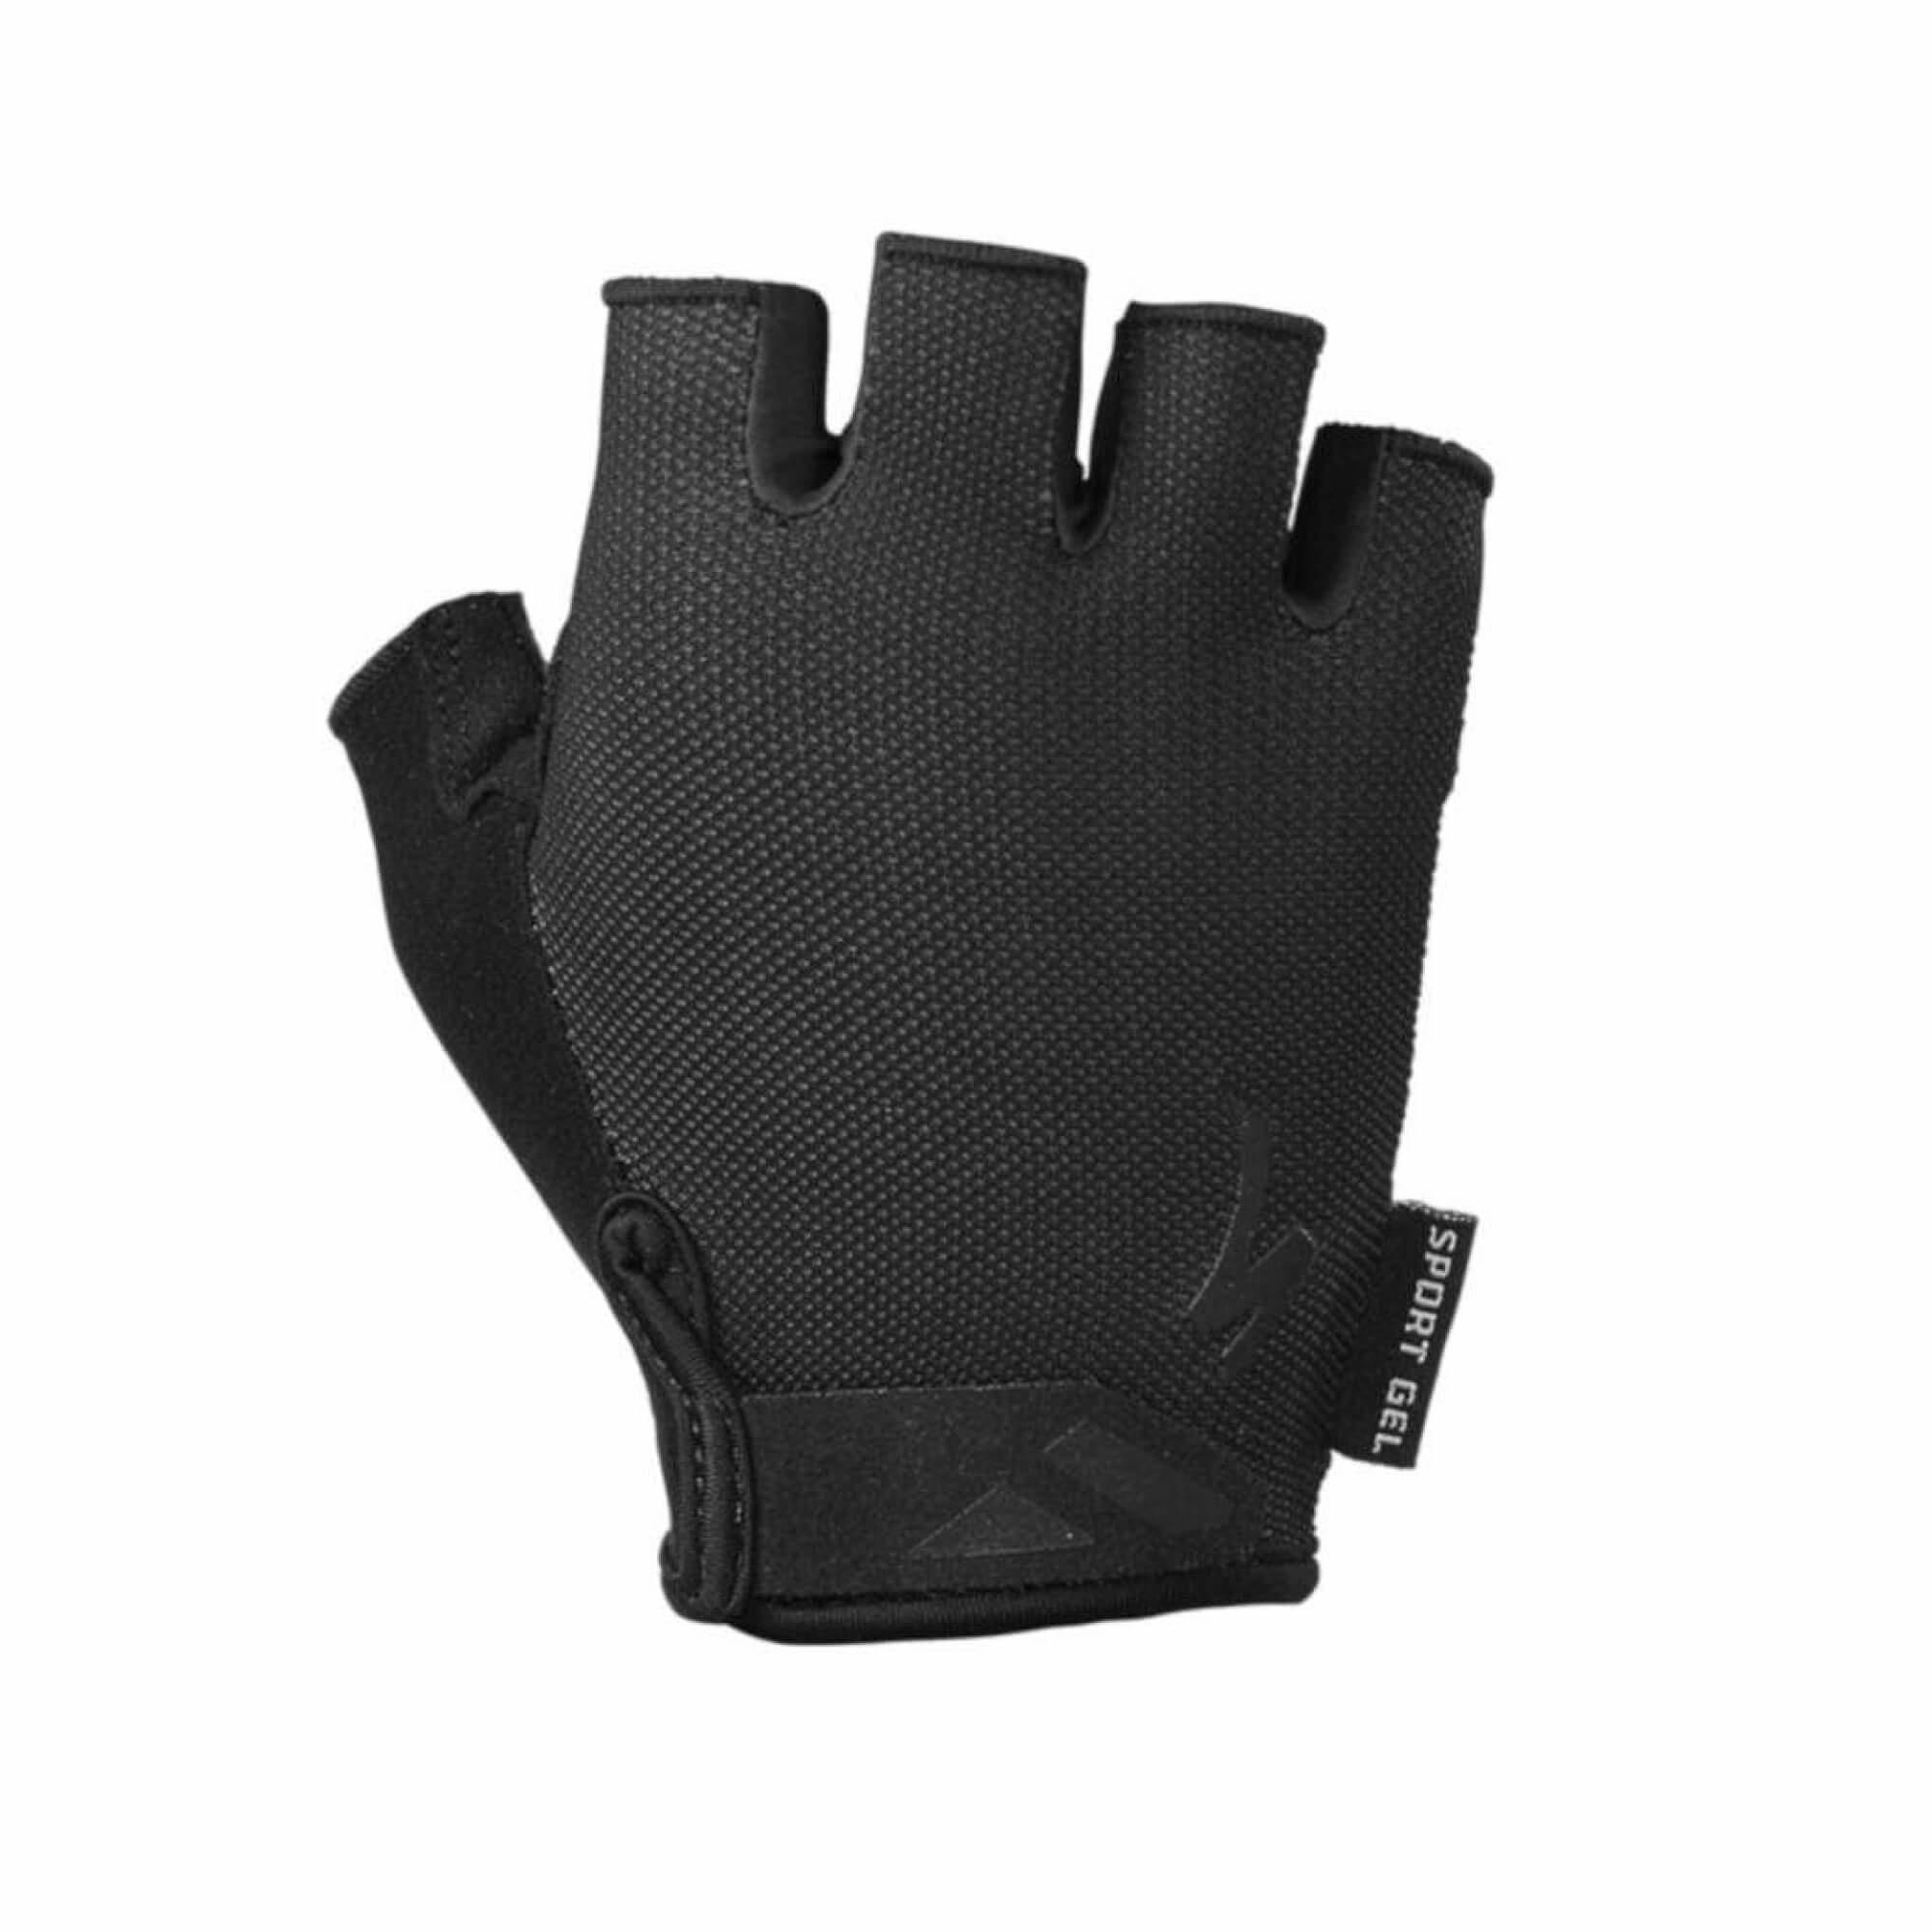 Body Geometry Sport Gel Glove Short Fingers Women-1